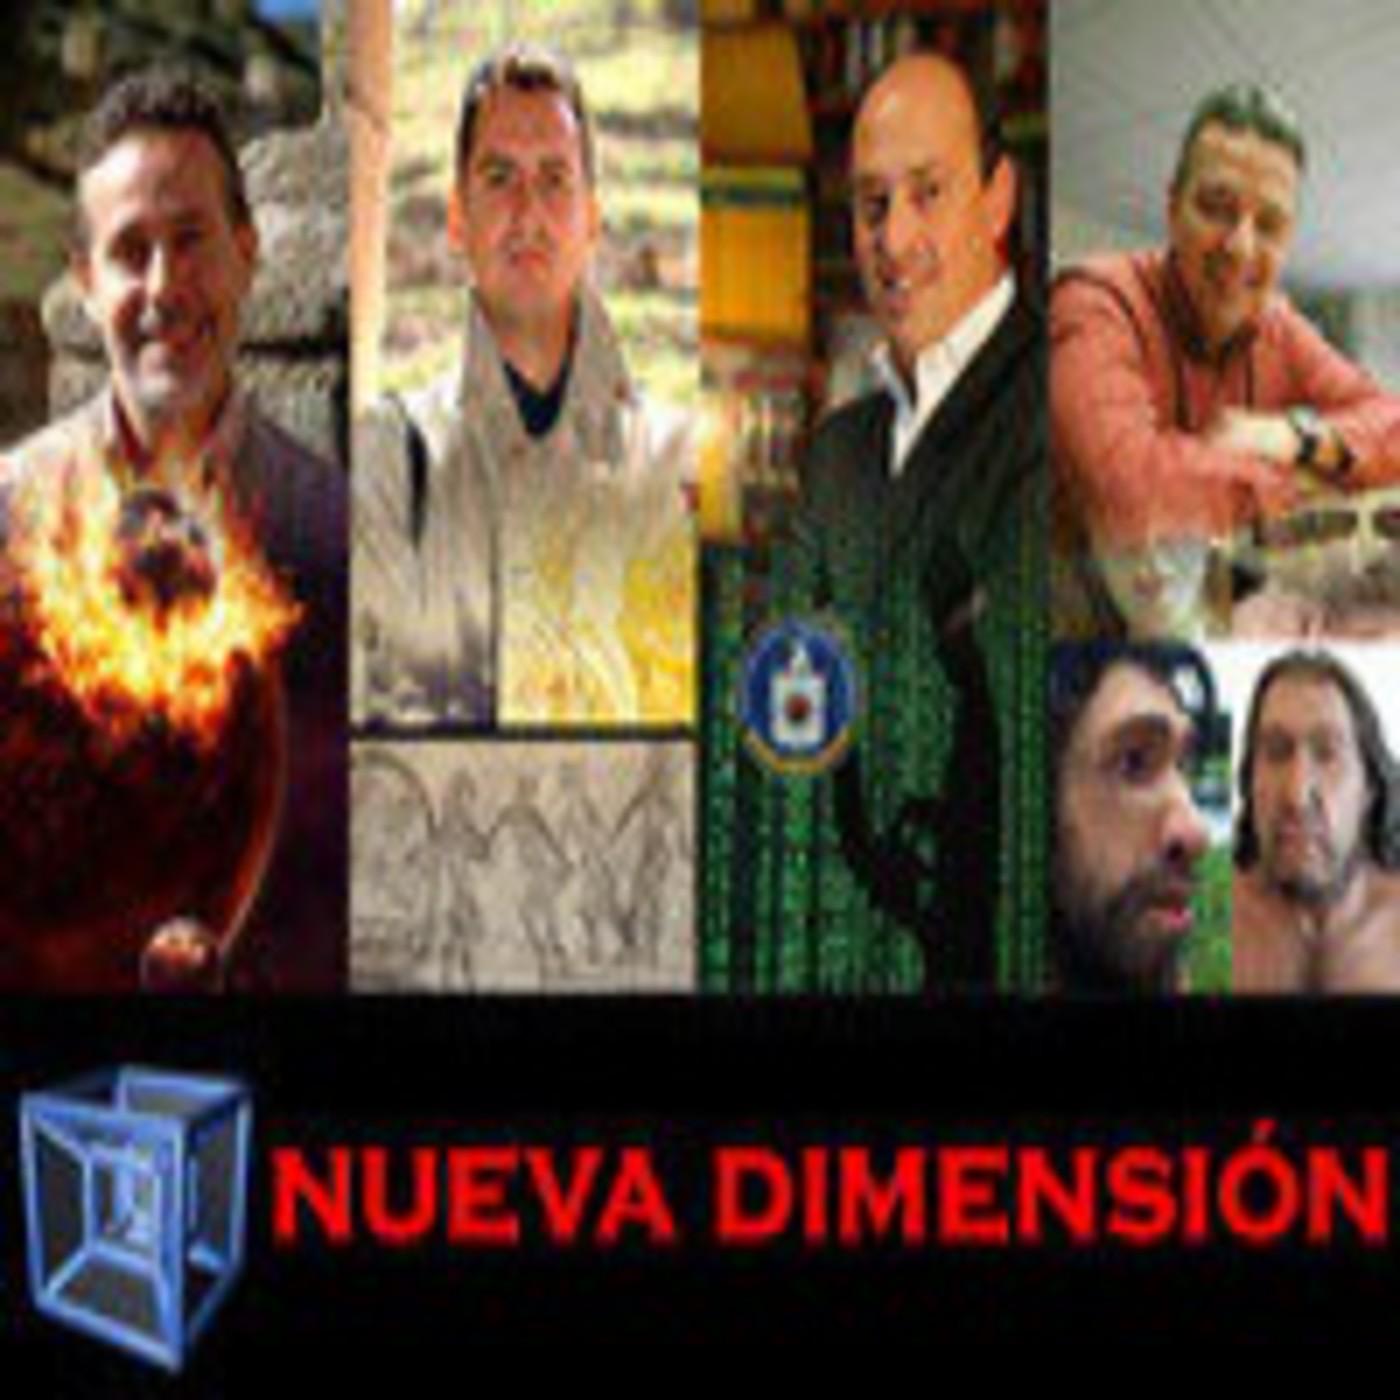 NUEVA DIMENSIÓN - Temporada del Misterio con Jesus Callejo, Eric Frattini, Lorenzo Fdez Bueno, Jose M. Nieves